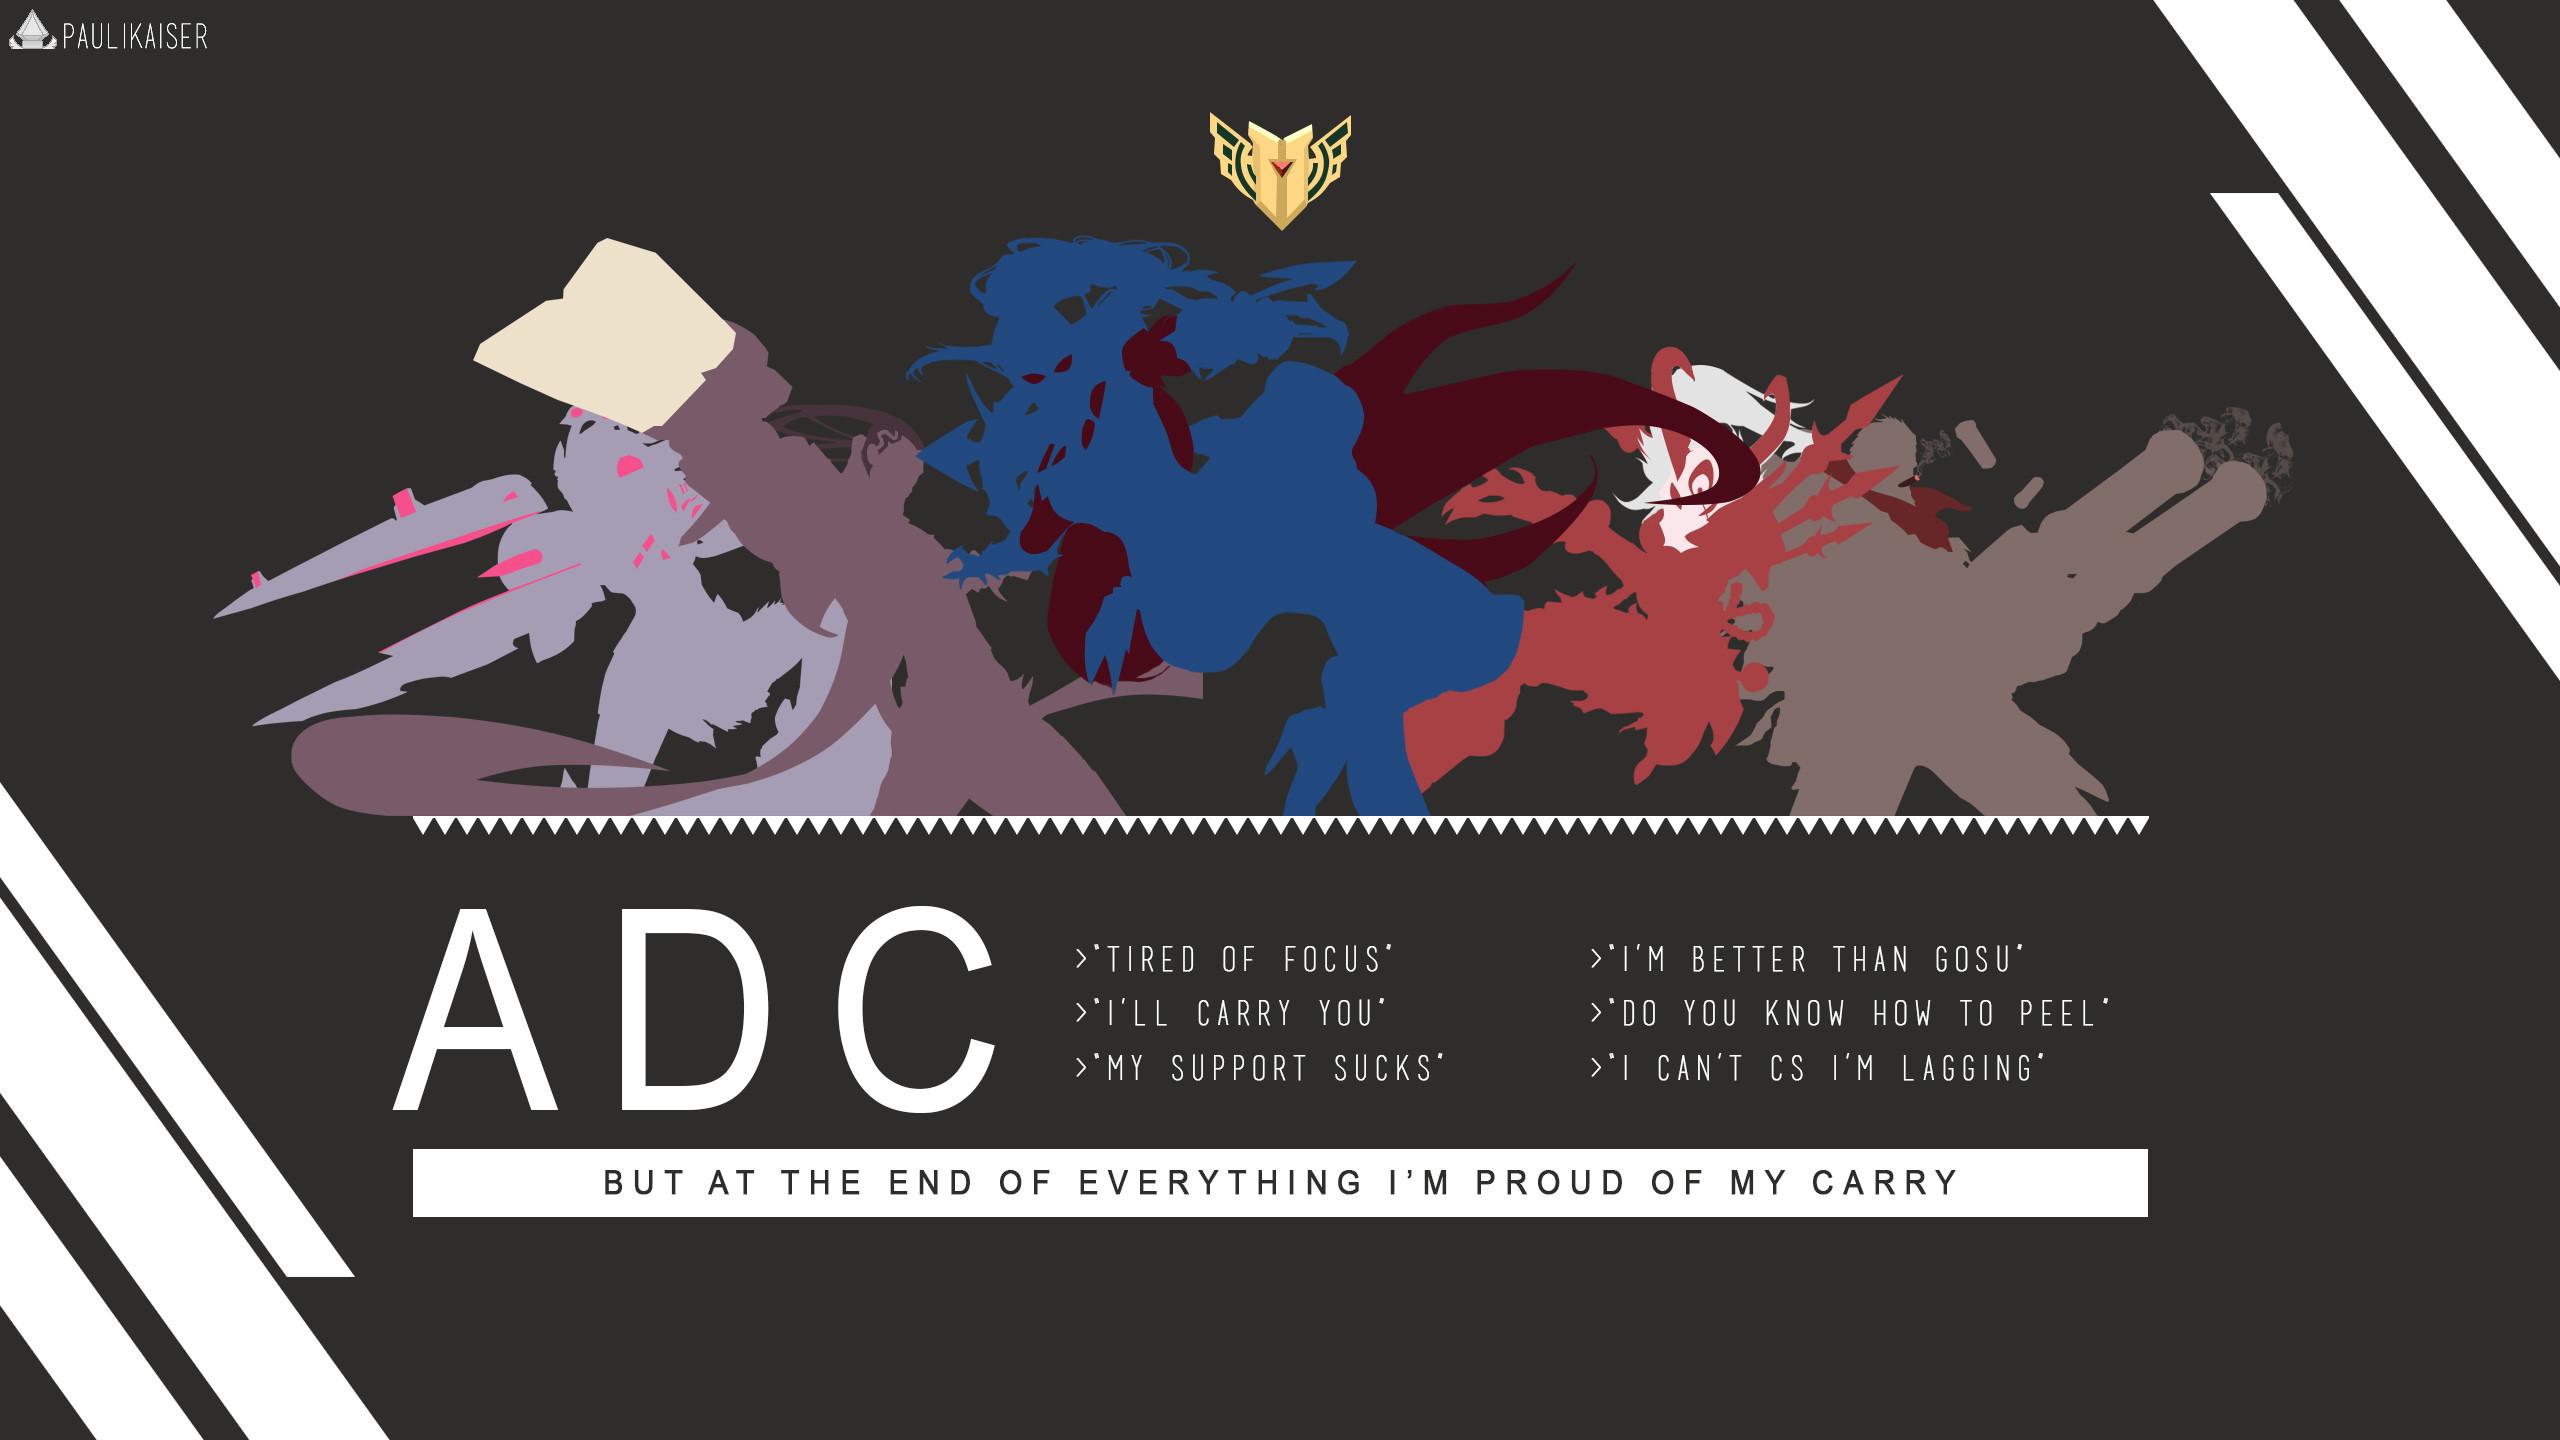 ADC by Paulikaiser (2) HD Wallpaper Fan Art Artwork League of Legends lol